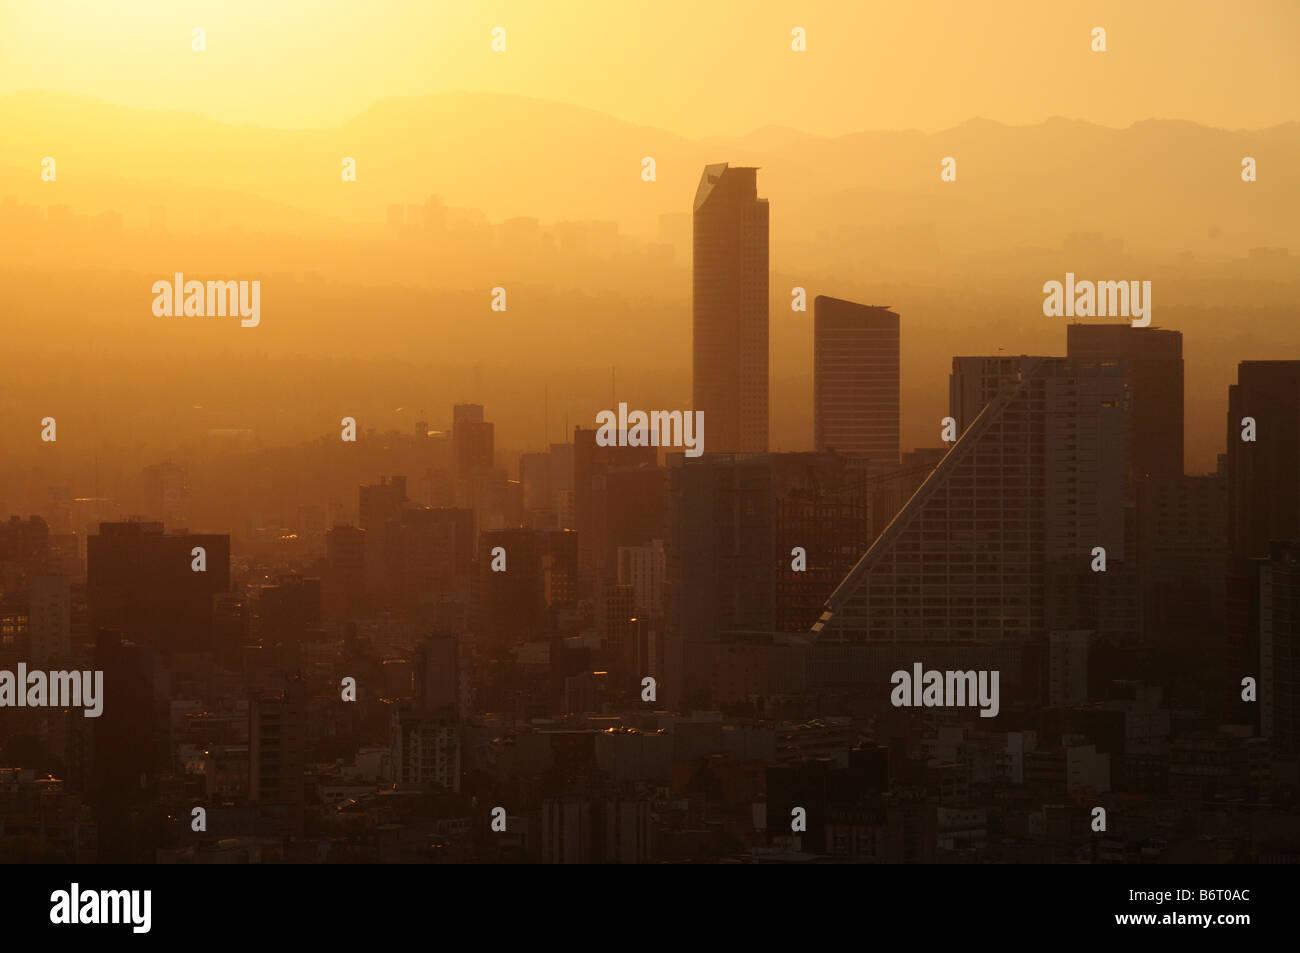 Le smog au coucher du soleil, l'horizon de la ville de Mexico Photo Stock